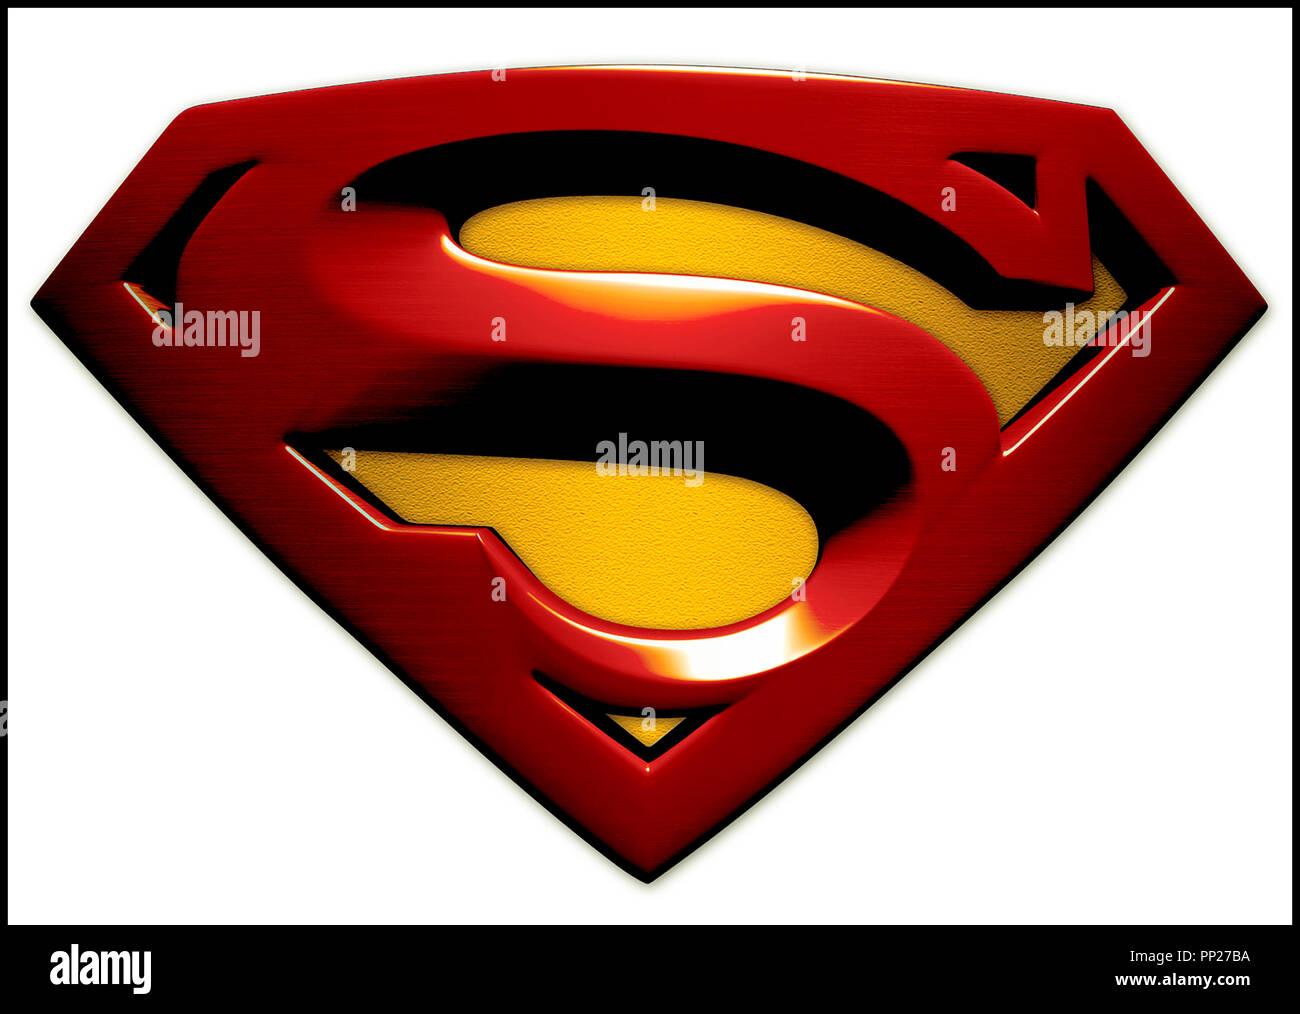 Superman logo photos superman logo images page 2 alamy - Signe de superman ...